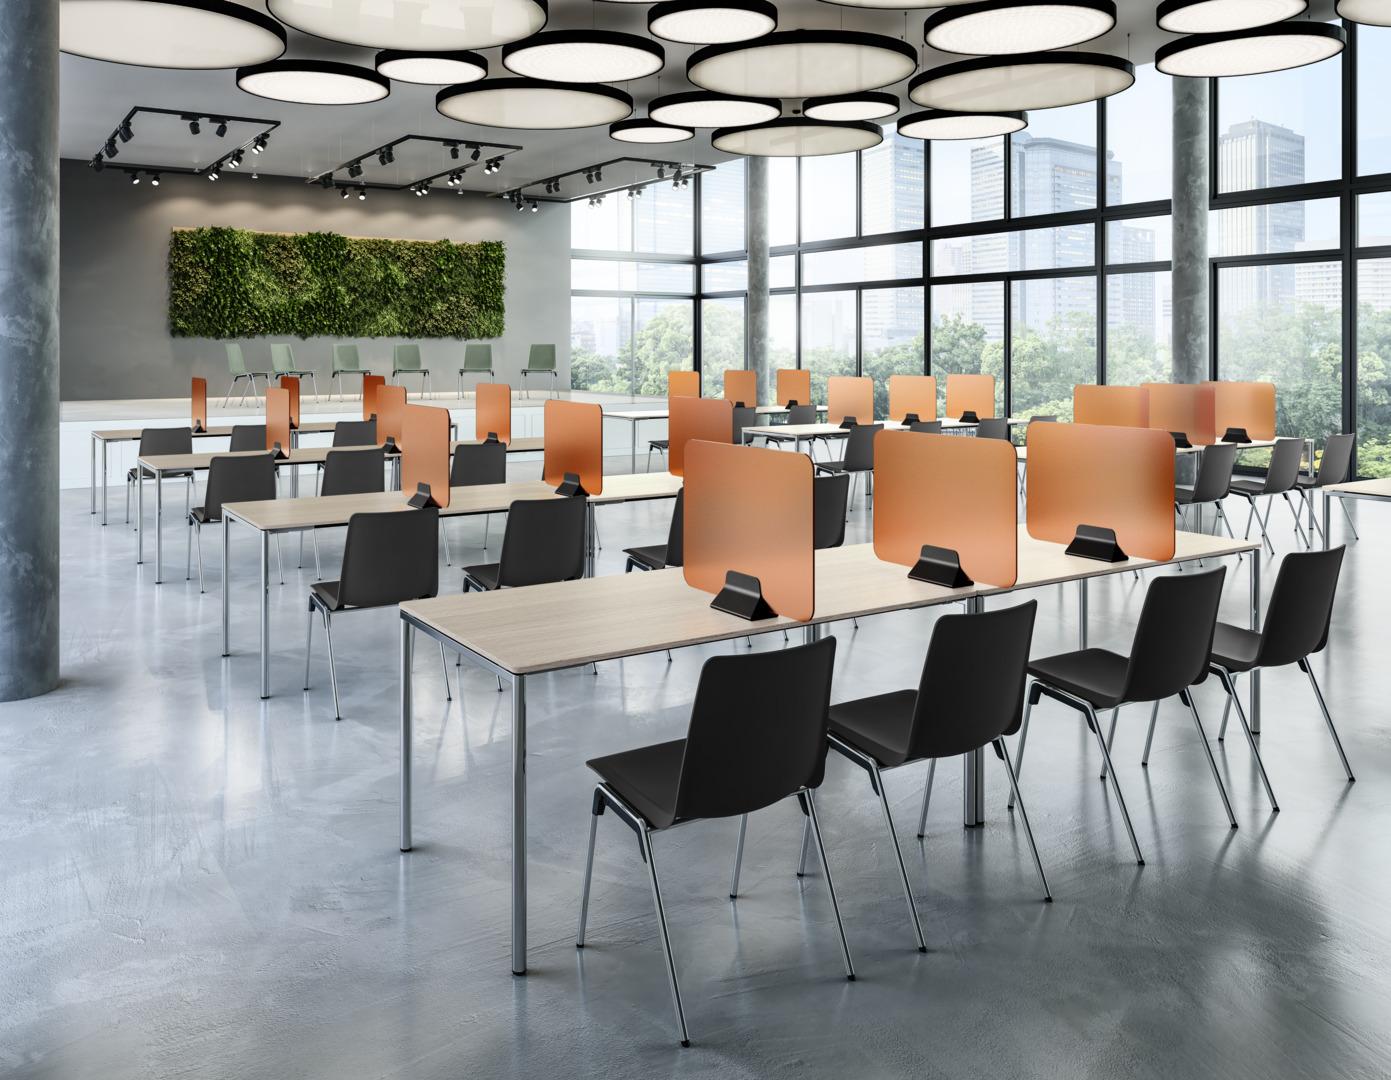 Tischdisplay team von Brunner in leuchtendem Orange. Bild: © Brunner GmbH